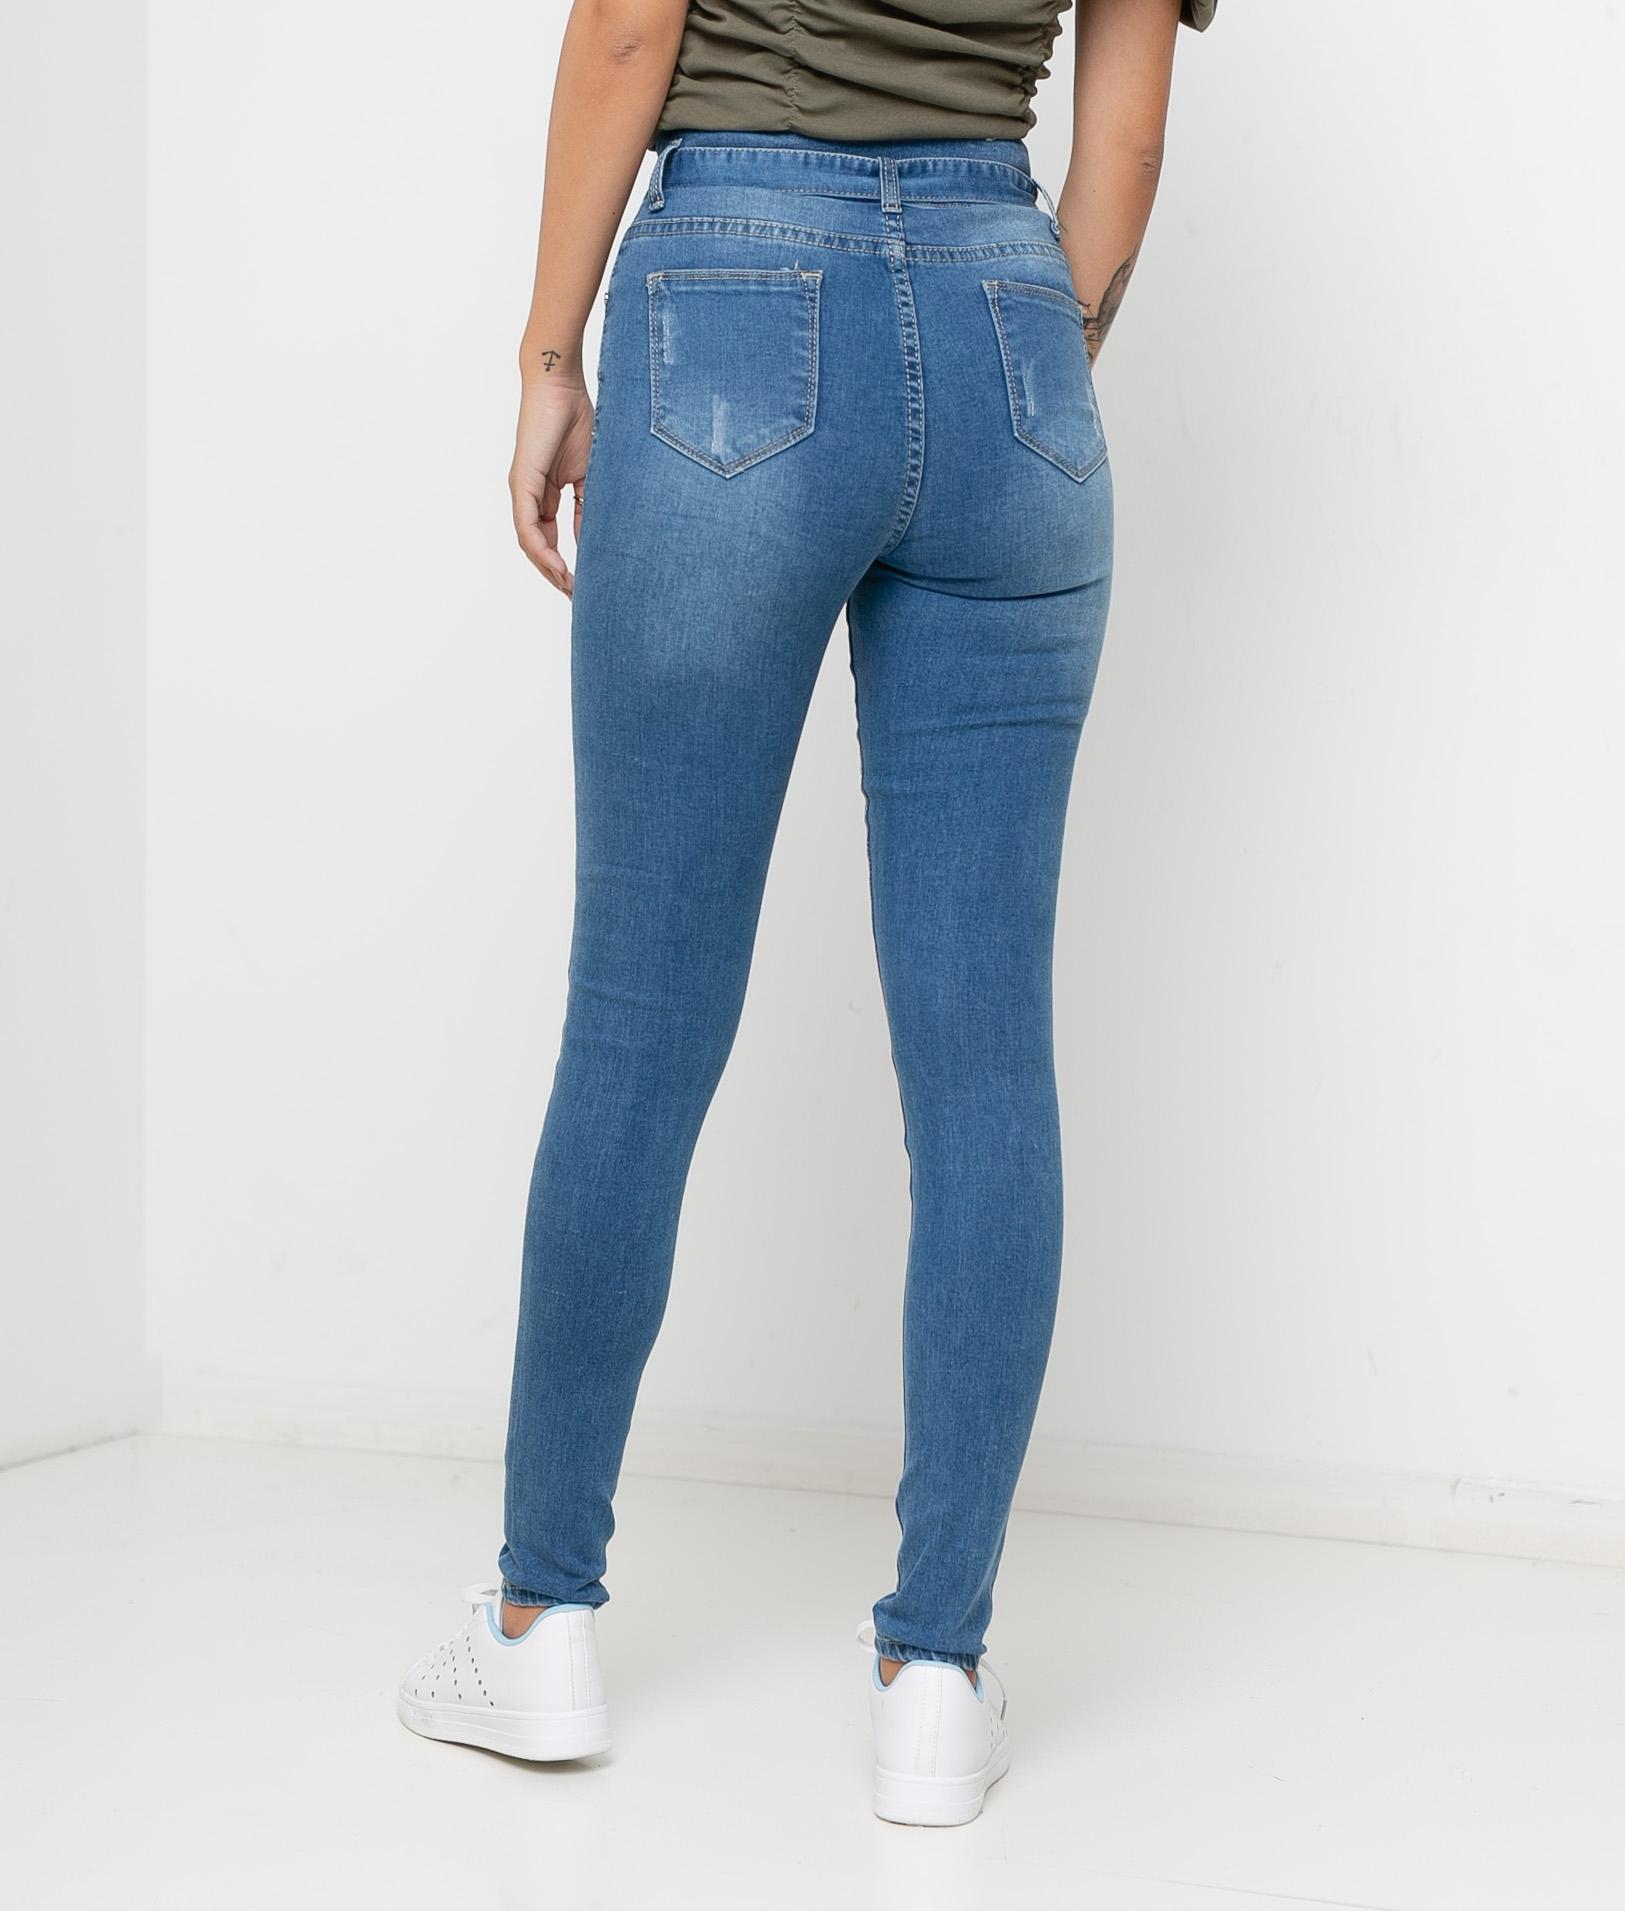 Pantalon Aniram - Denim